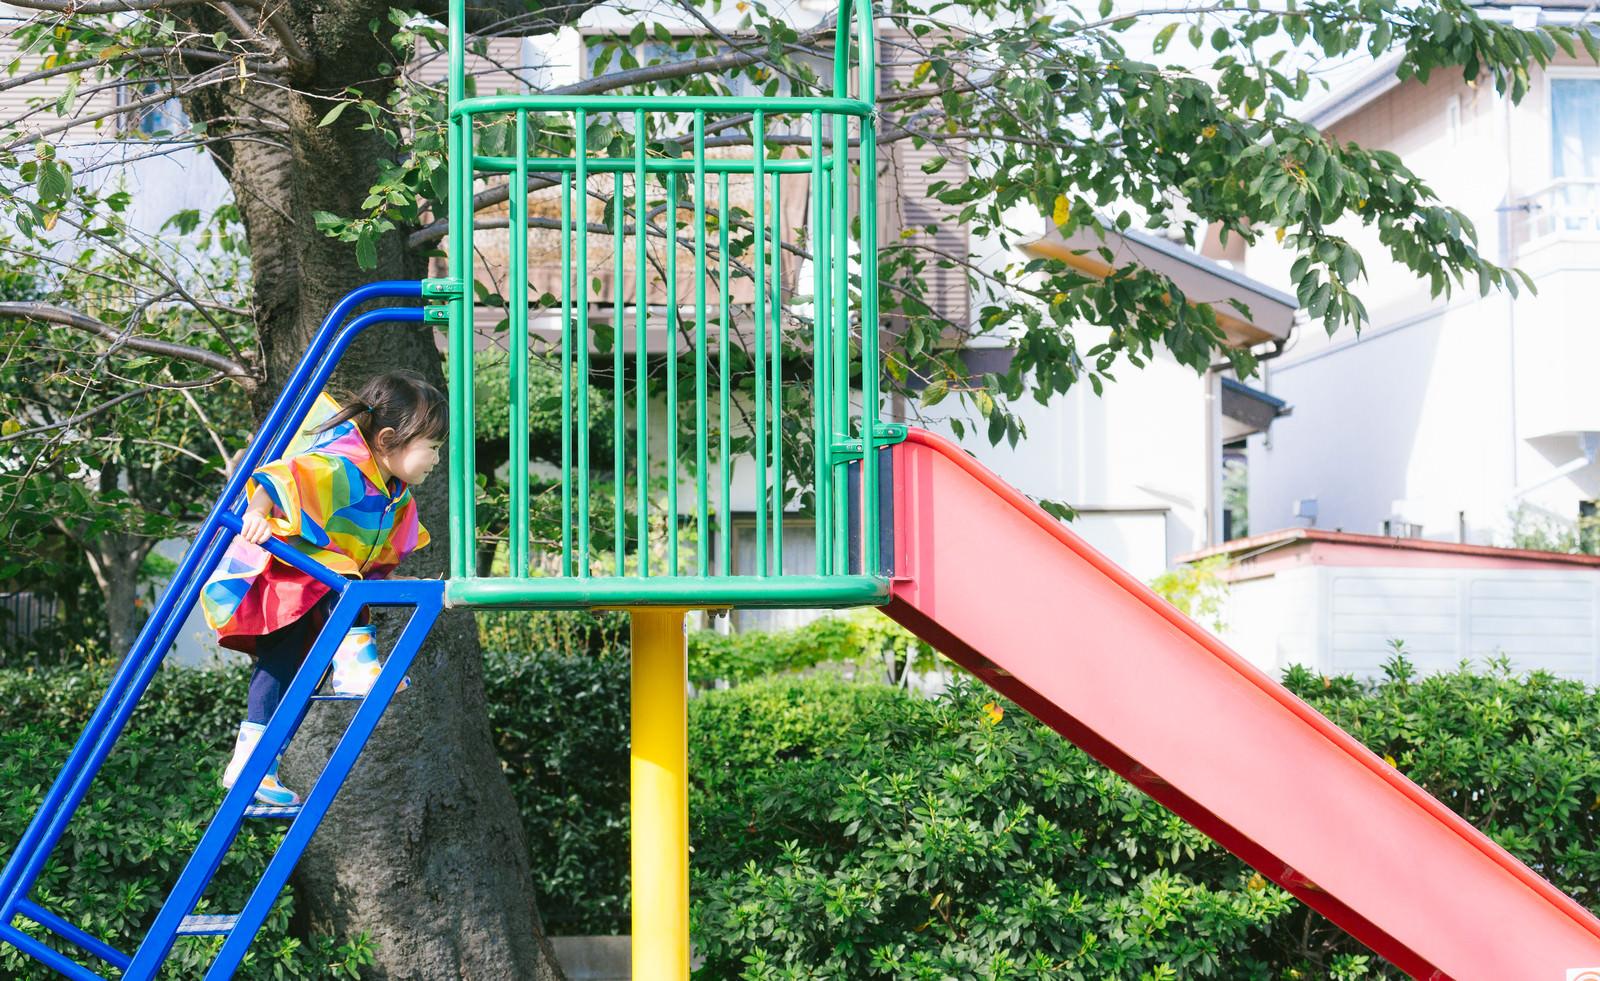 「滑り台の階段を駆け上がる子ども」[モデル:あおみどり]